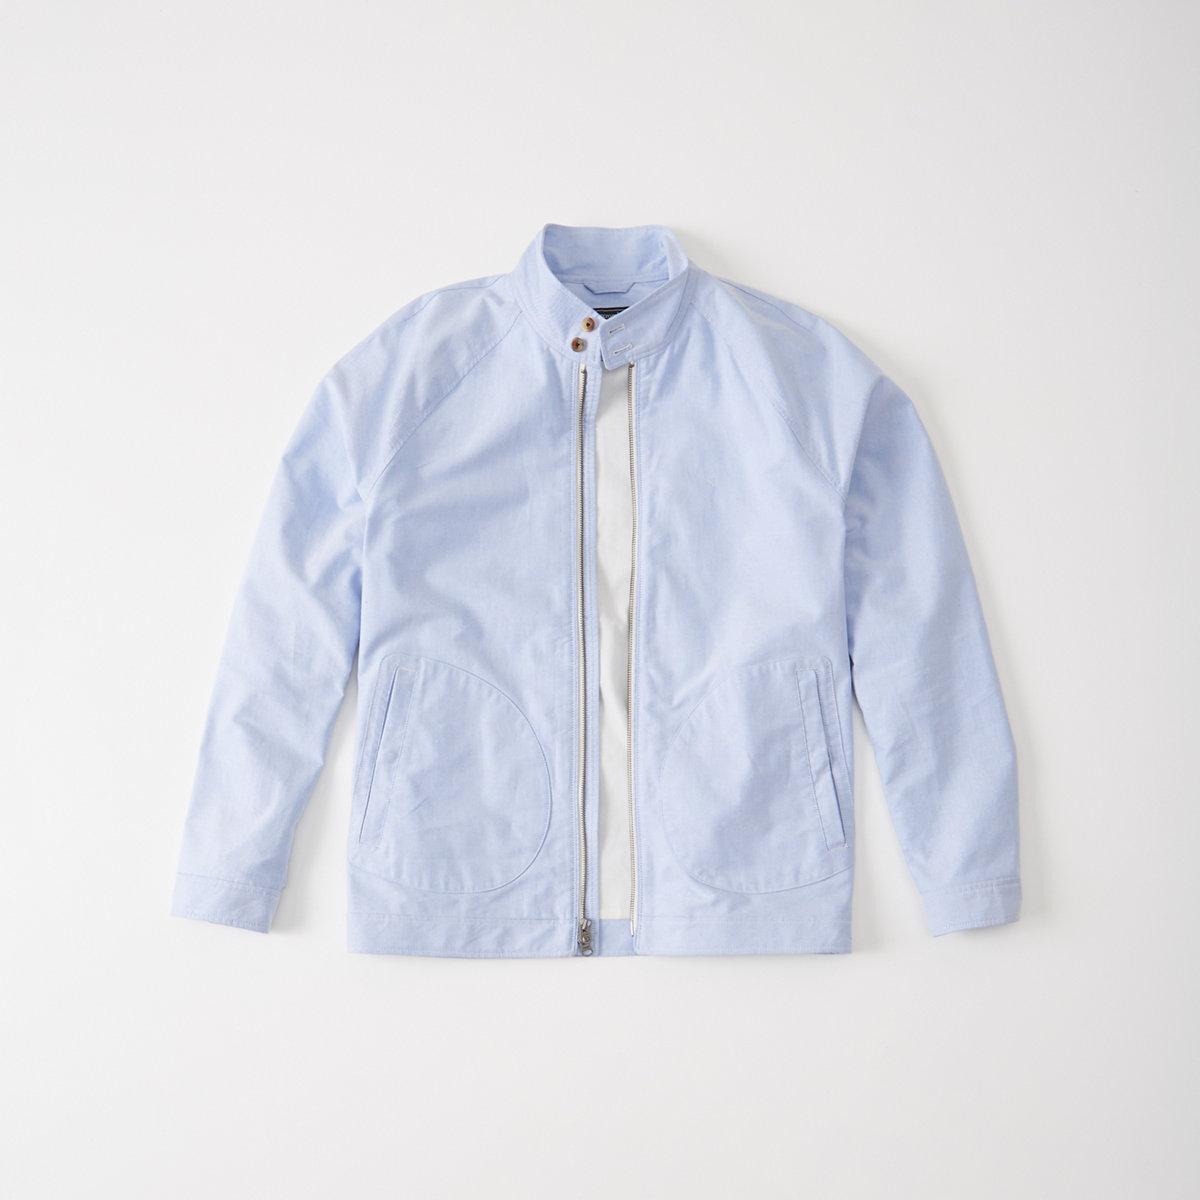 Oxford Harrington Jacket